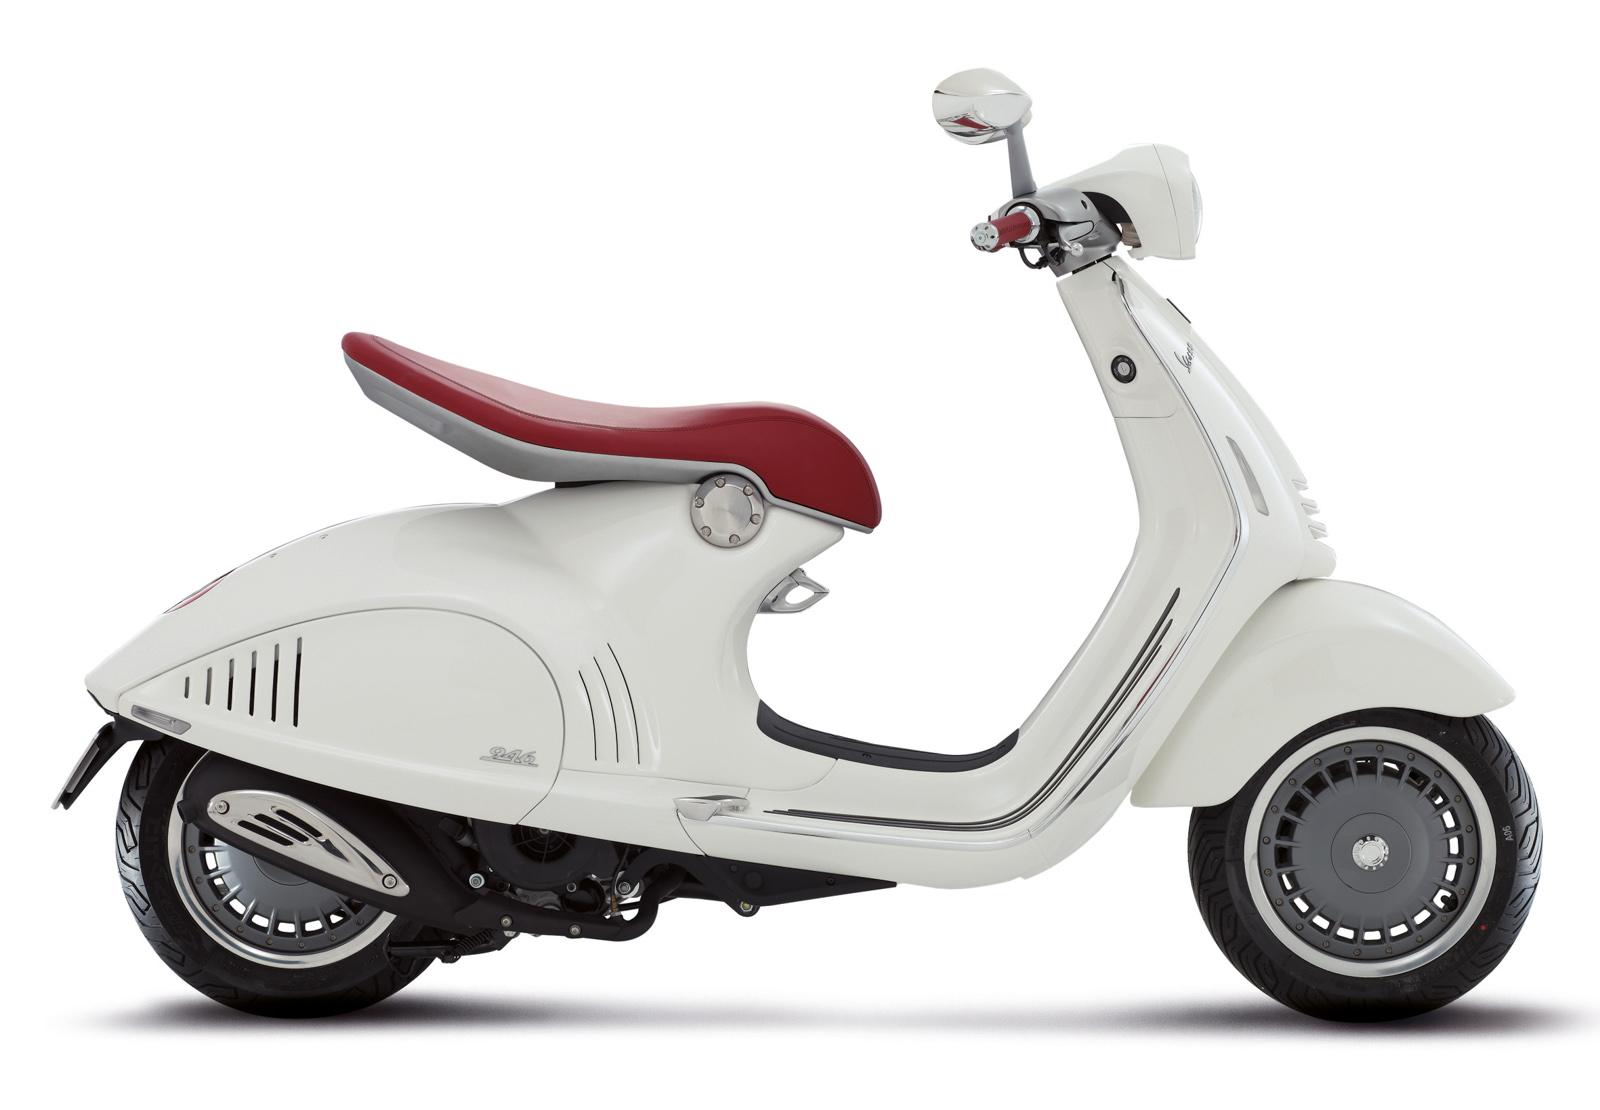 2013 piaggio vespa 946 automatic scooter. Black Bedroom Furniture Sets. Home Design Ideas